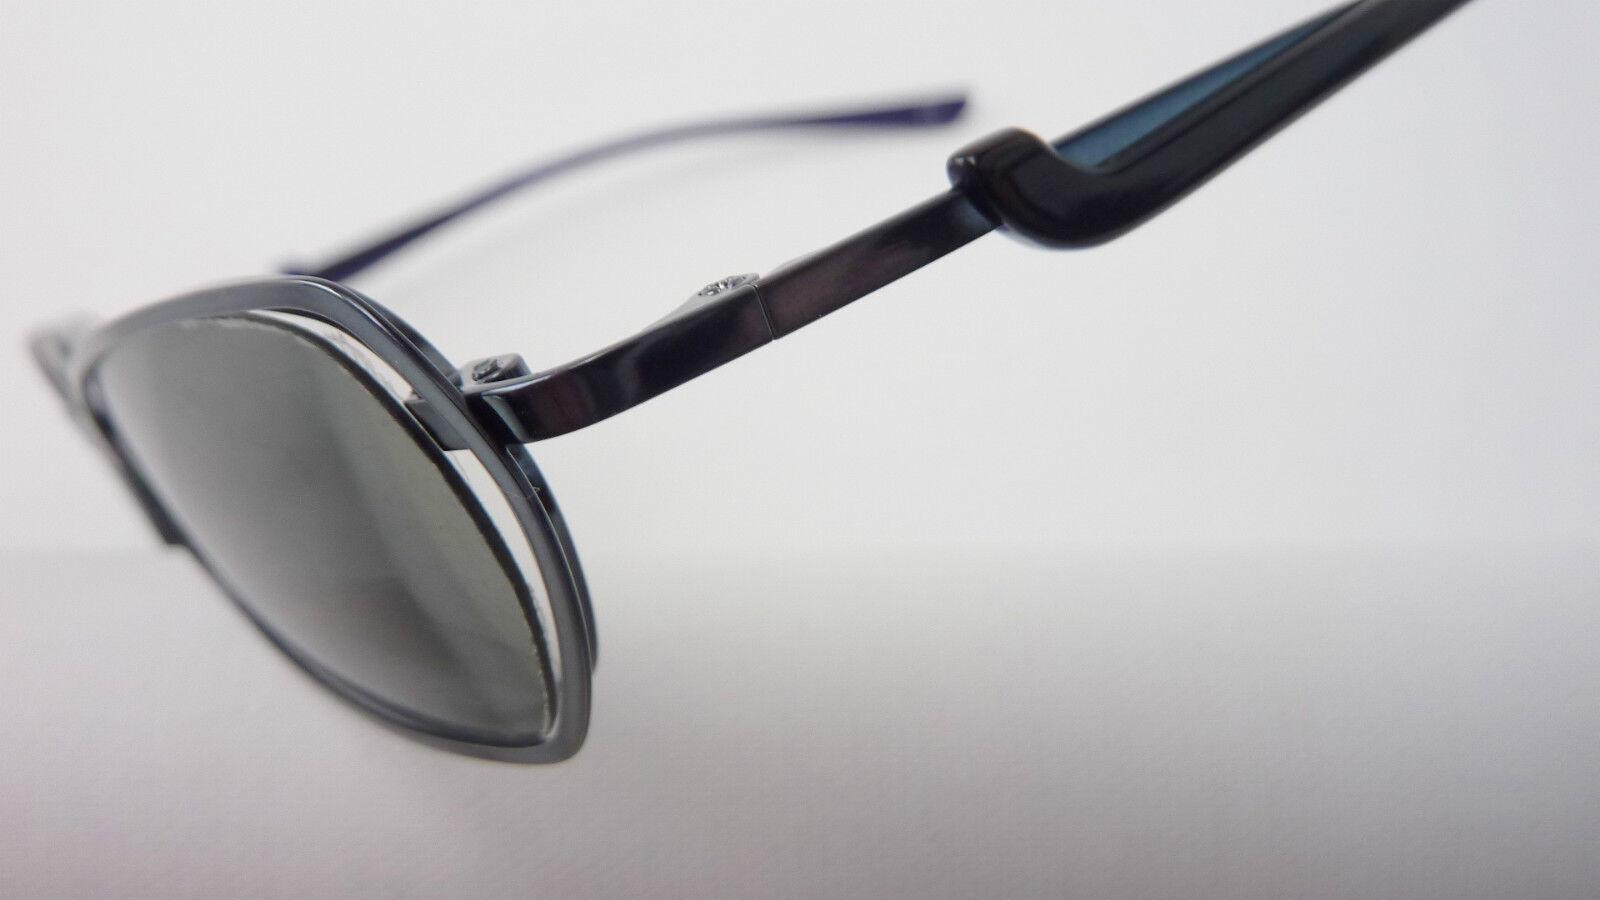 I-clip Brille mit Magnetsonnenclip Sonnenbrille Metallfassung unisex Größe Größe Größe M  | Günstige Preise  | Neue Sorten werden eingeführt  | Leicht zu reinigende Oberfläche  591685